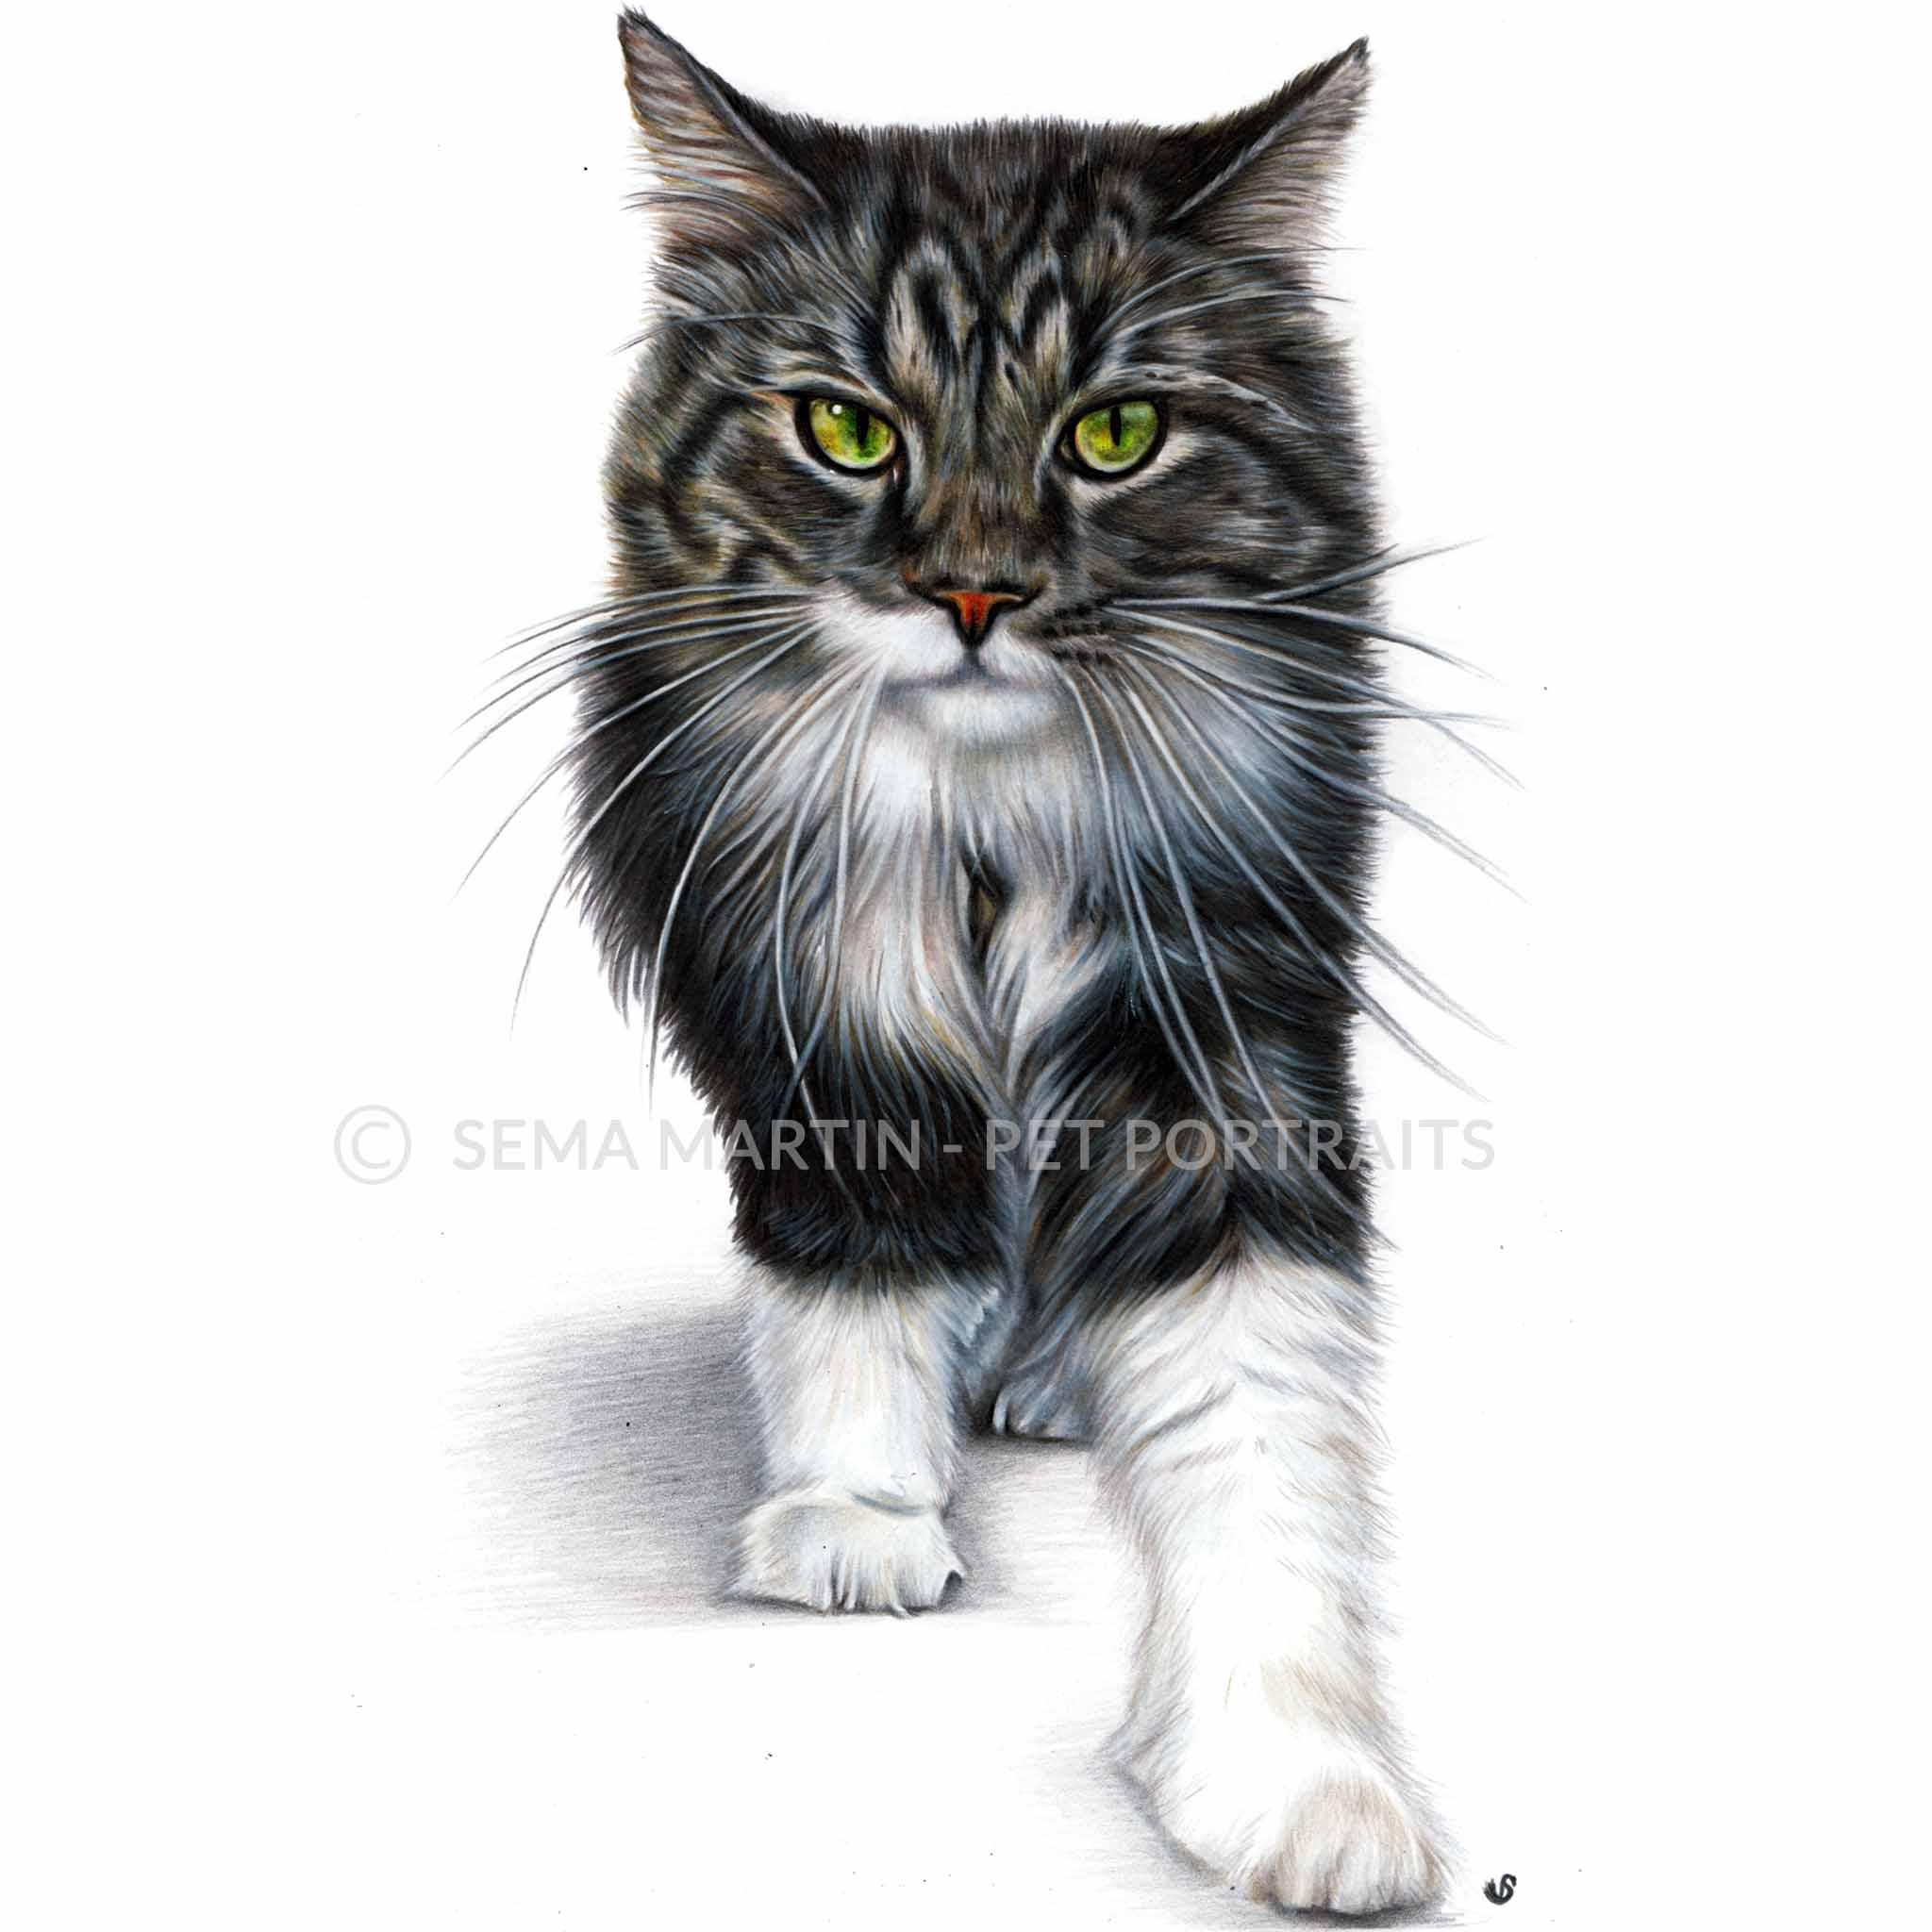 'Megatron' - USA, 8.3 x 11.7 inches, 2018, Colour Pencil Cat Portrait by Sema Martin